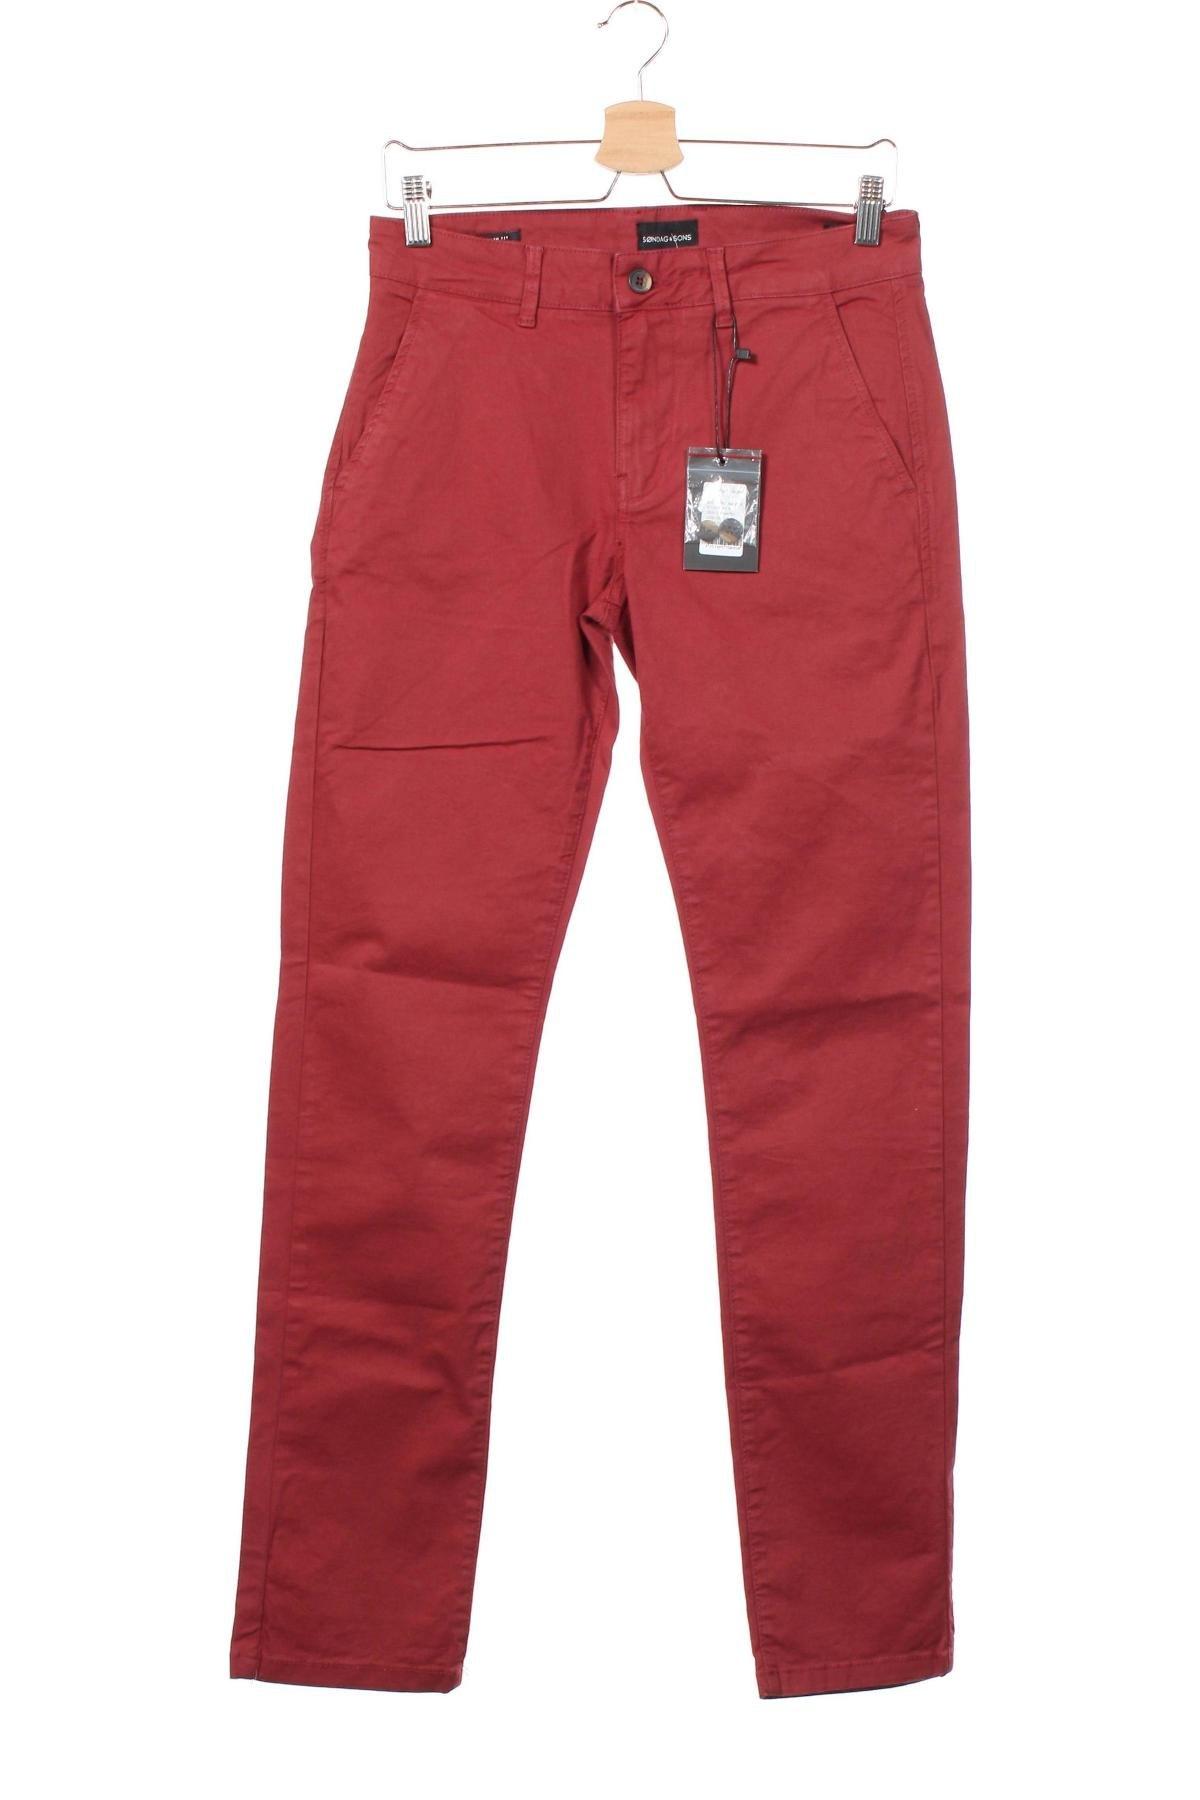 Мъжки панталон Sondag & Sons, Размер S, Цвят Червен, 97% памук, 3% еластан, Цена 22,35лв.